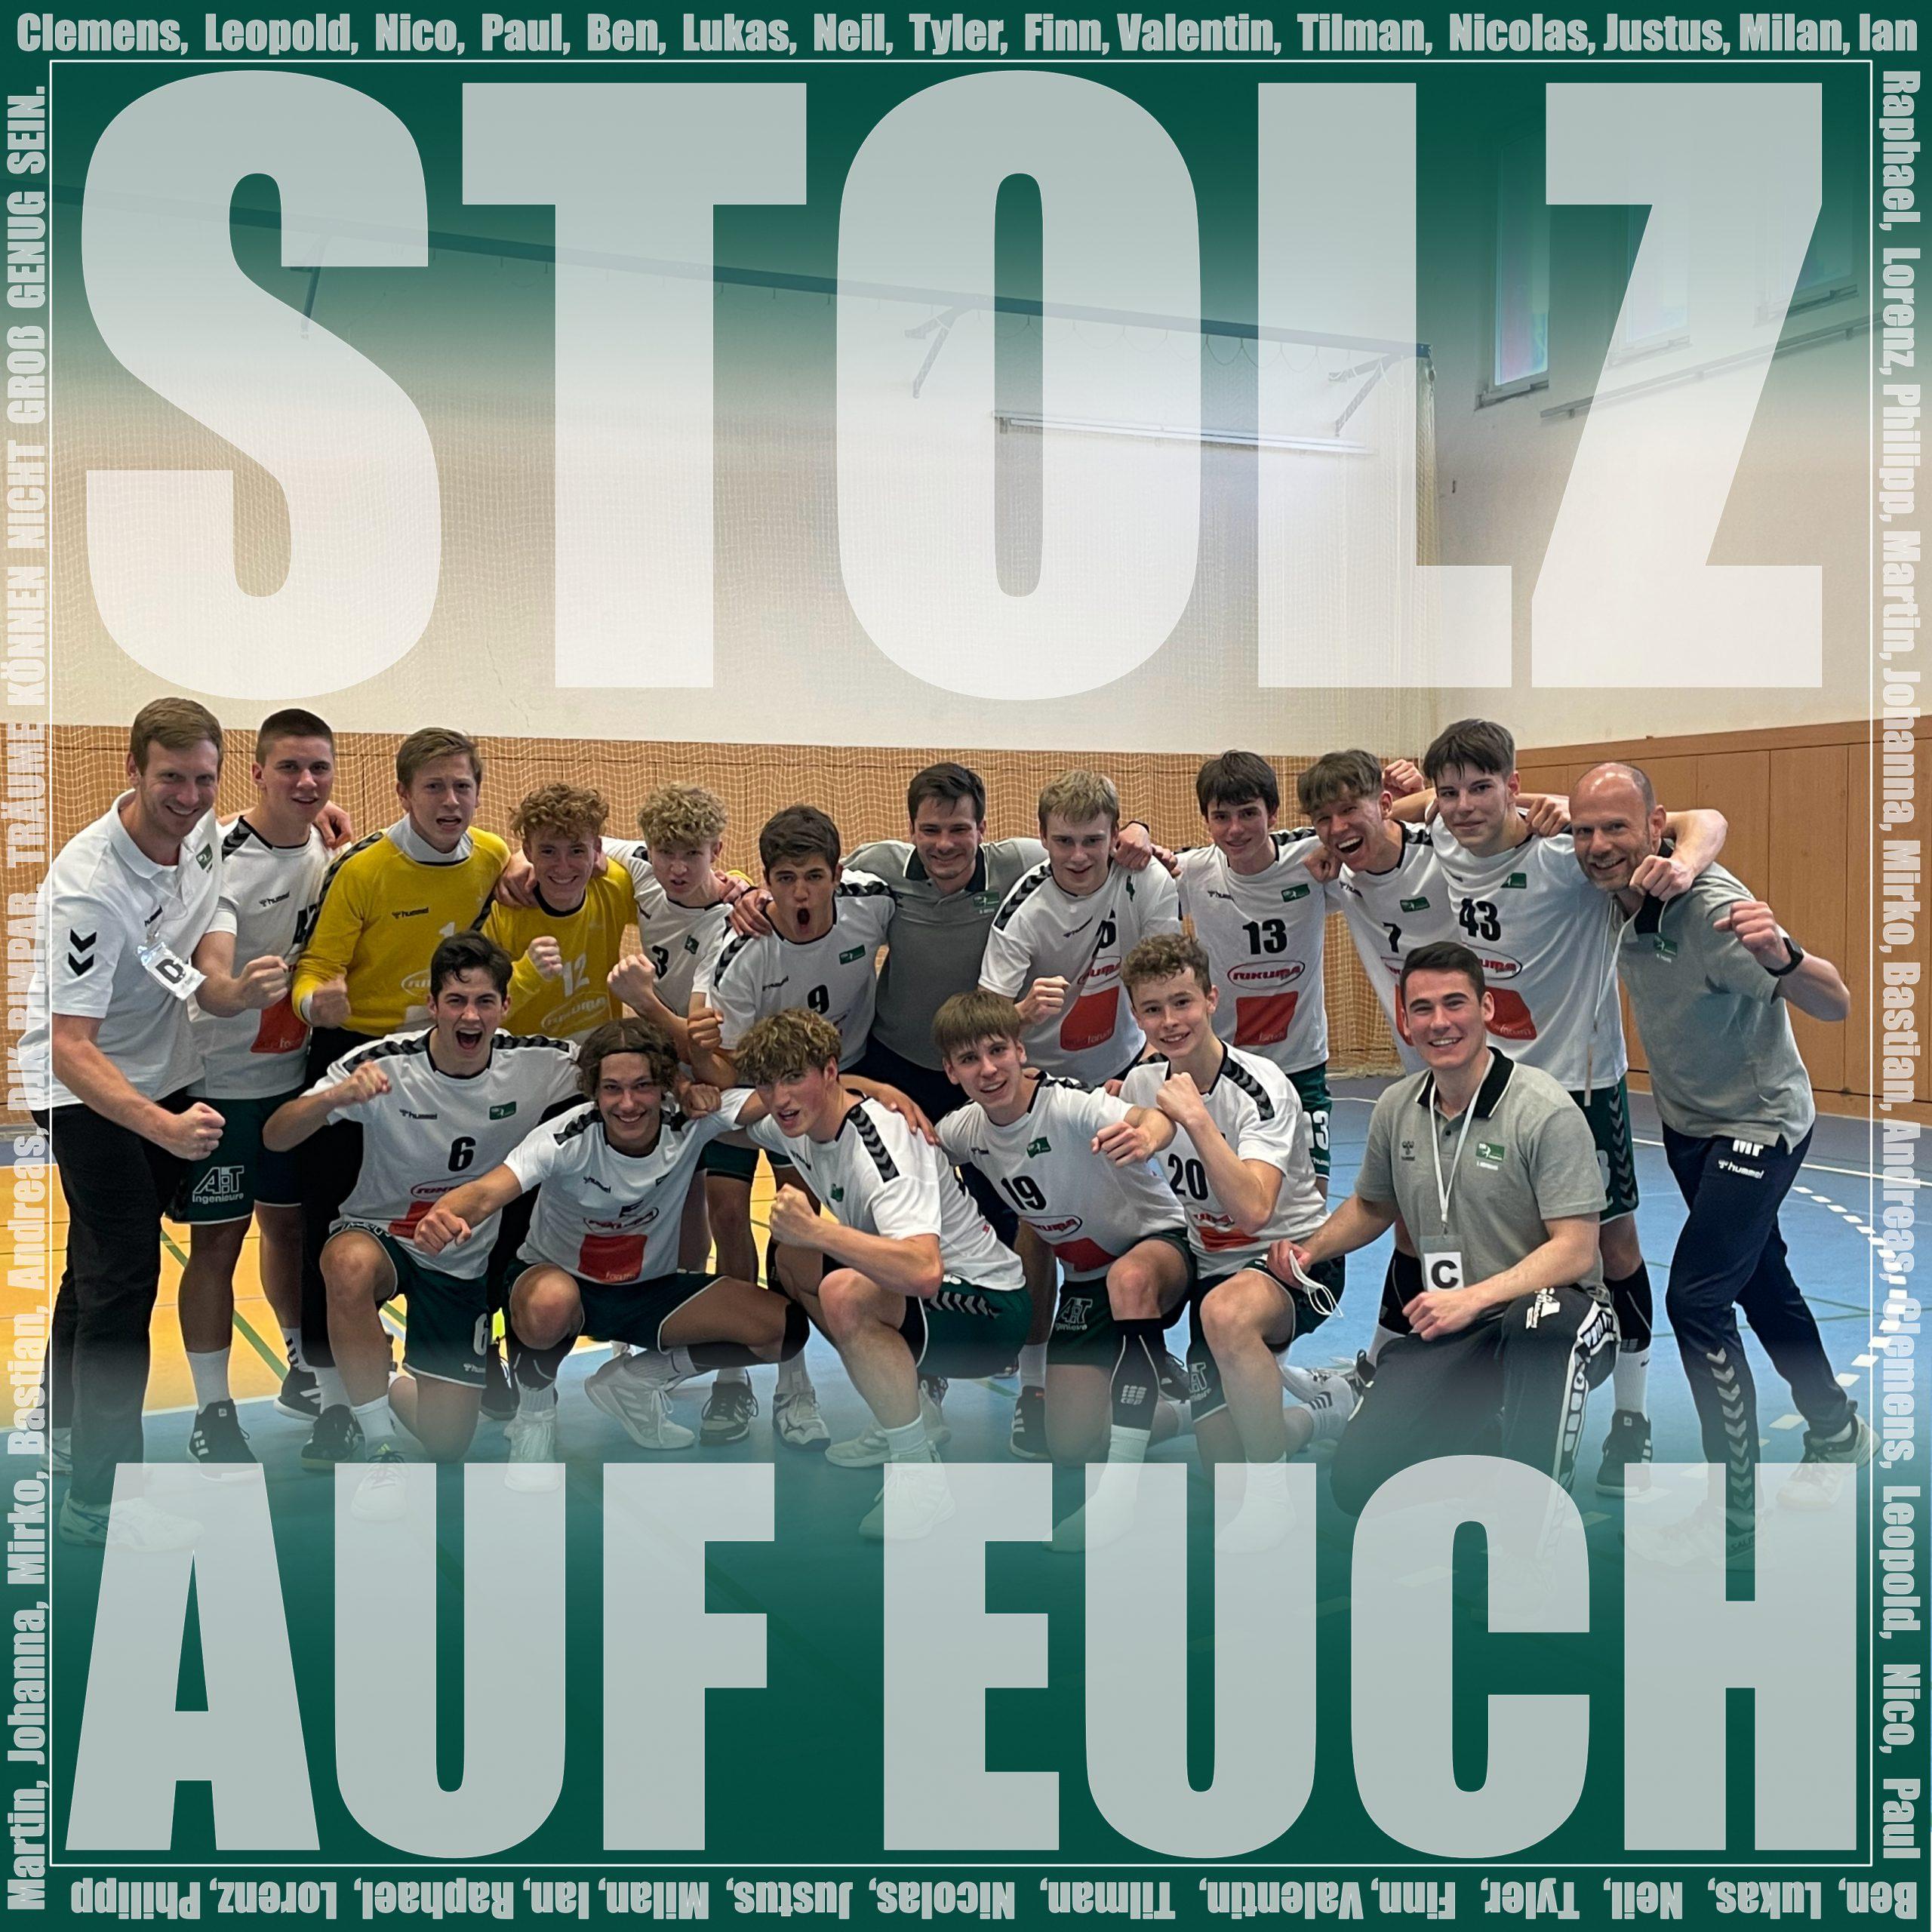 Deutsche Meisterschaft endet im Achtelfinale